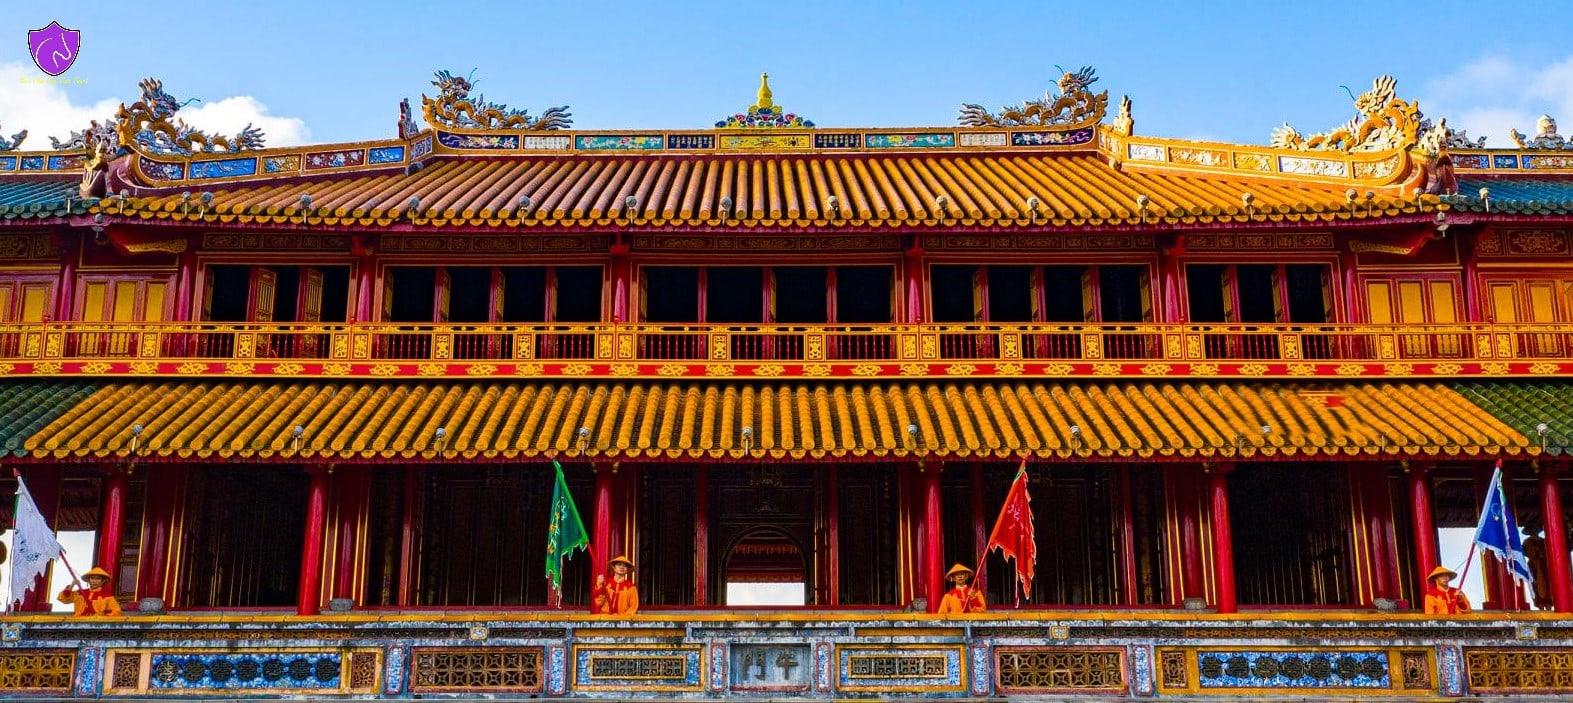 Ngu Phung Palace Hue